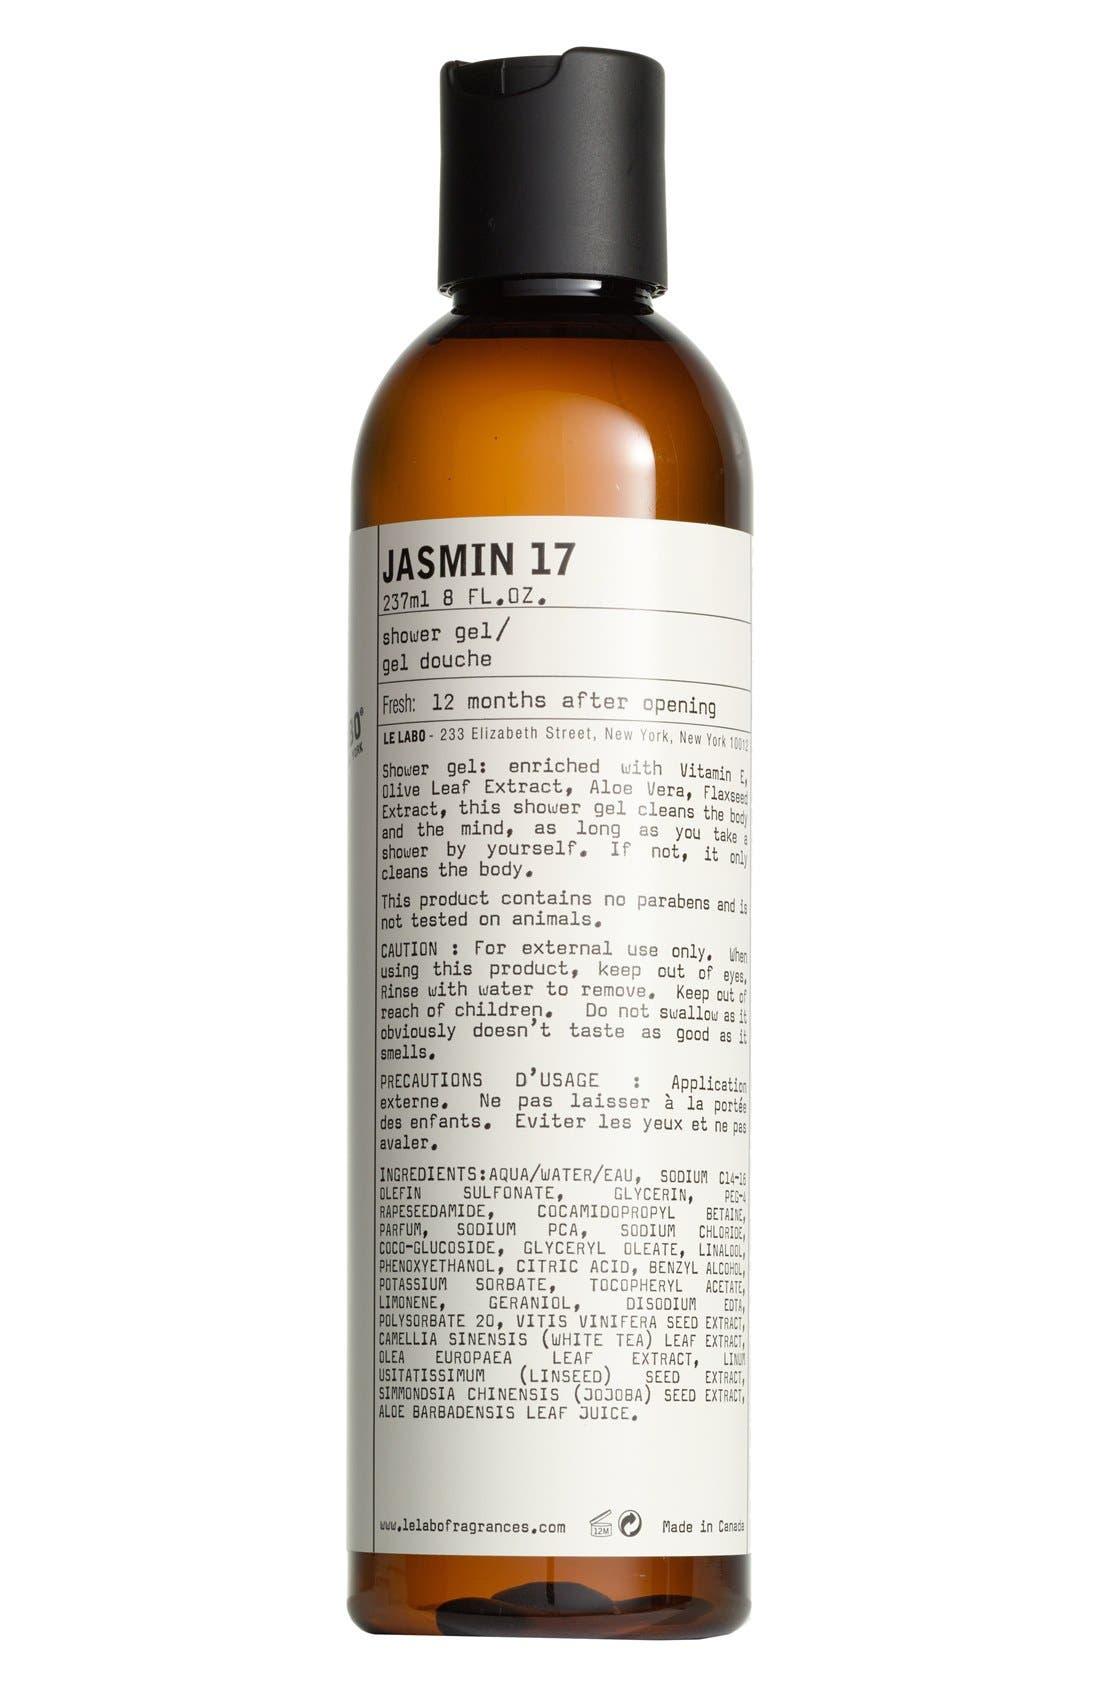 Le Labo 'Jasmin 17' Shower Gel